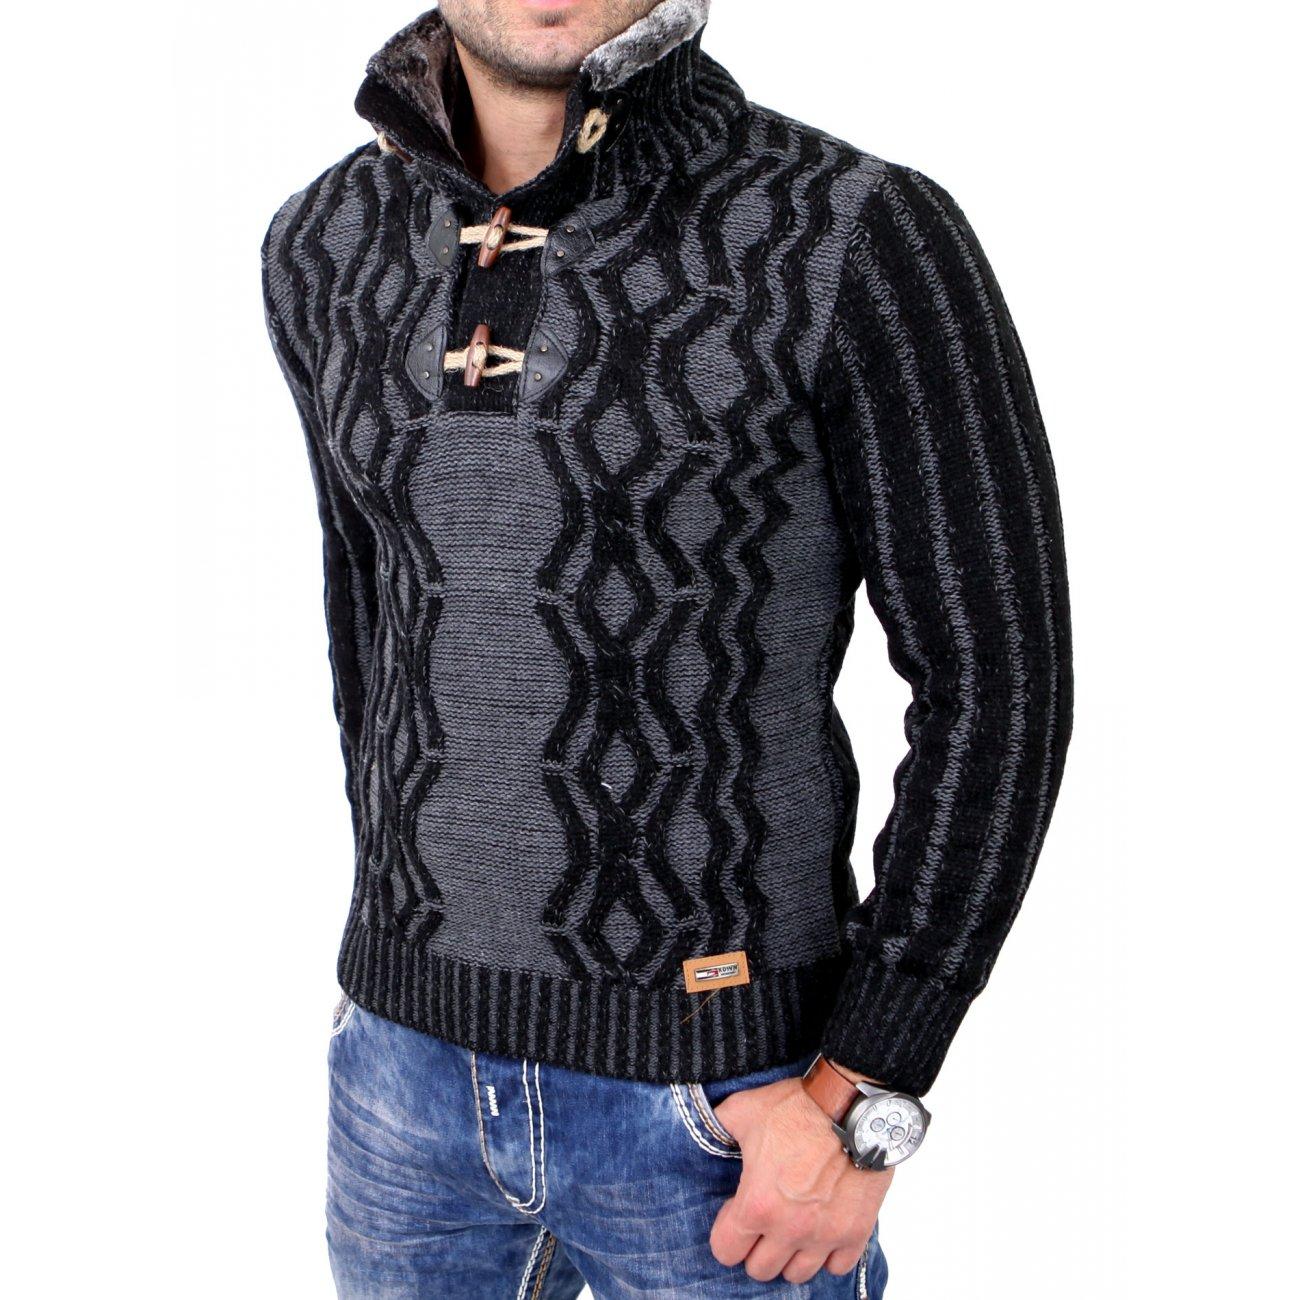 reslad strickpullover herren fellkragen winter pullover g nstig. Black Bedroom Furniture Sets. Home Design Ideas